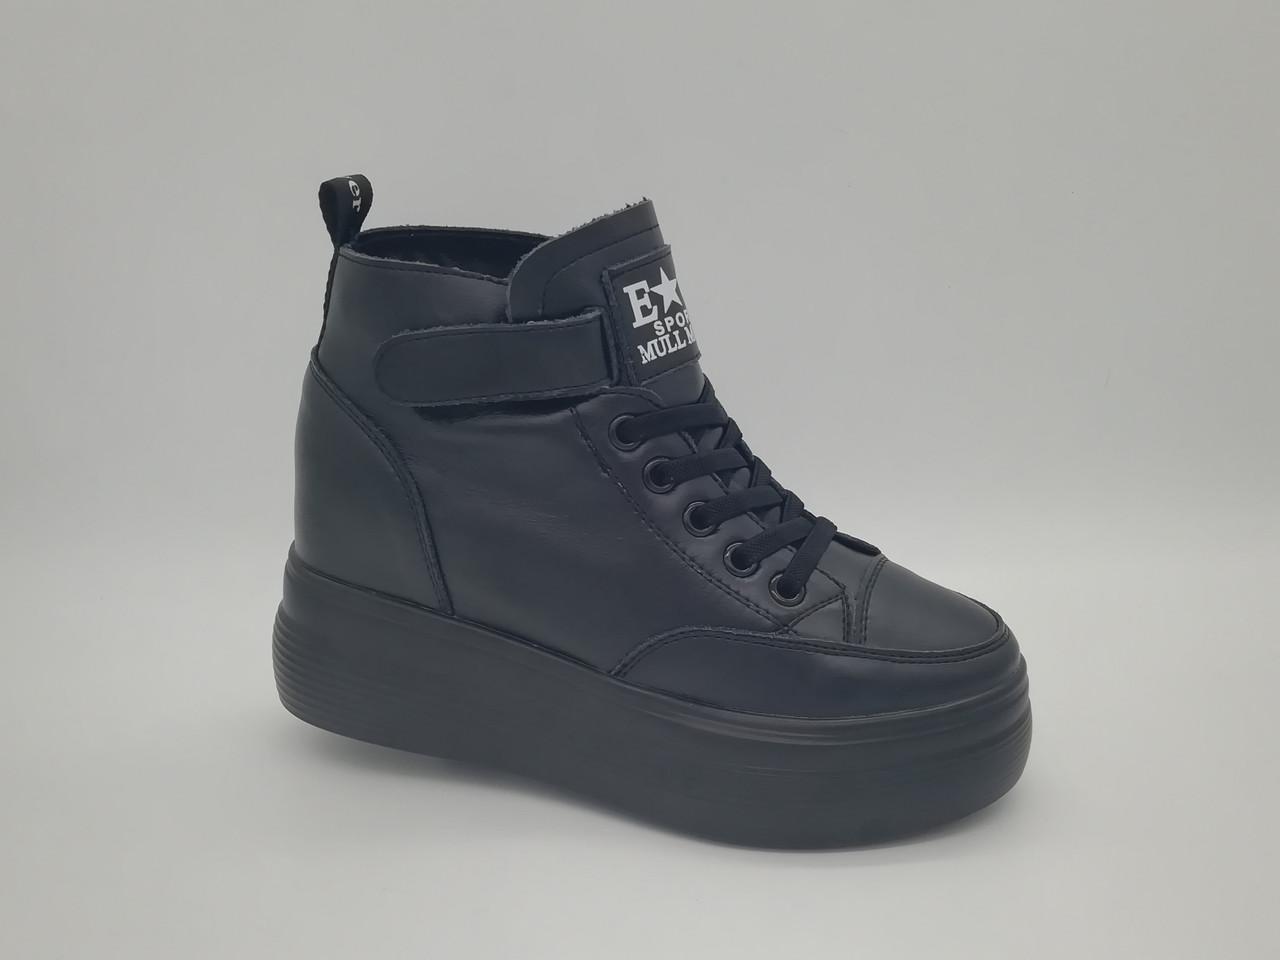 Чорні шкіряні черевики. Маленькі і стандартні розміри (33 - 35)